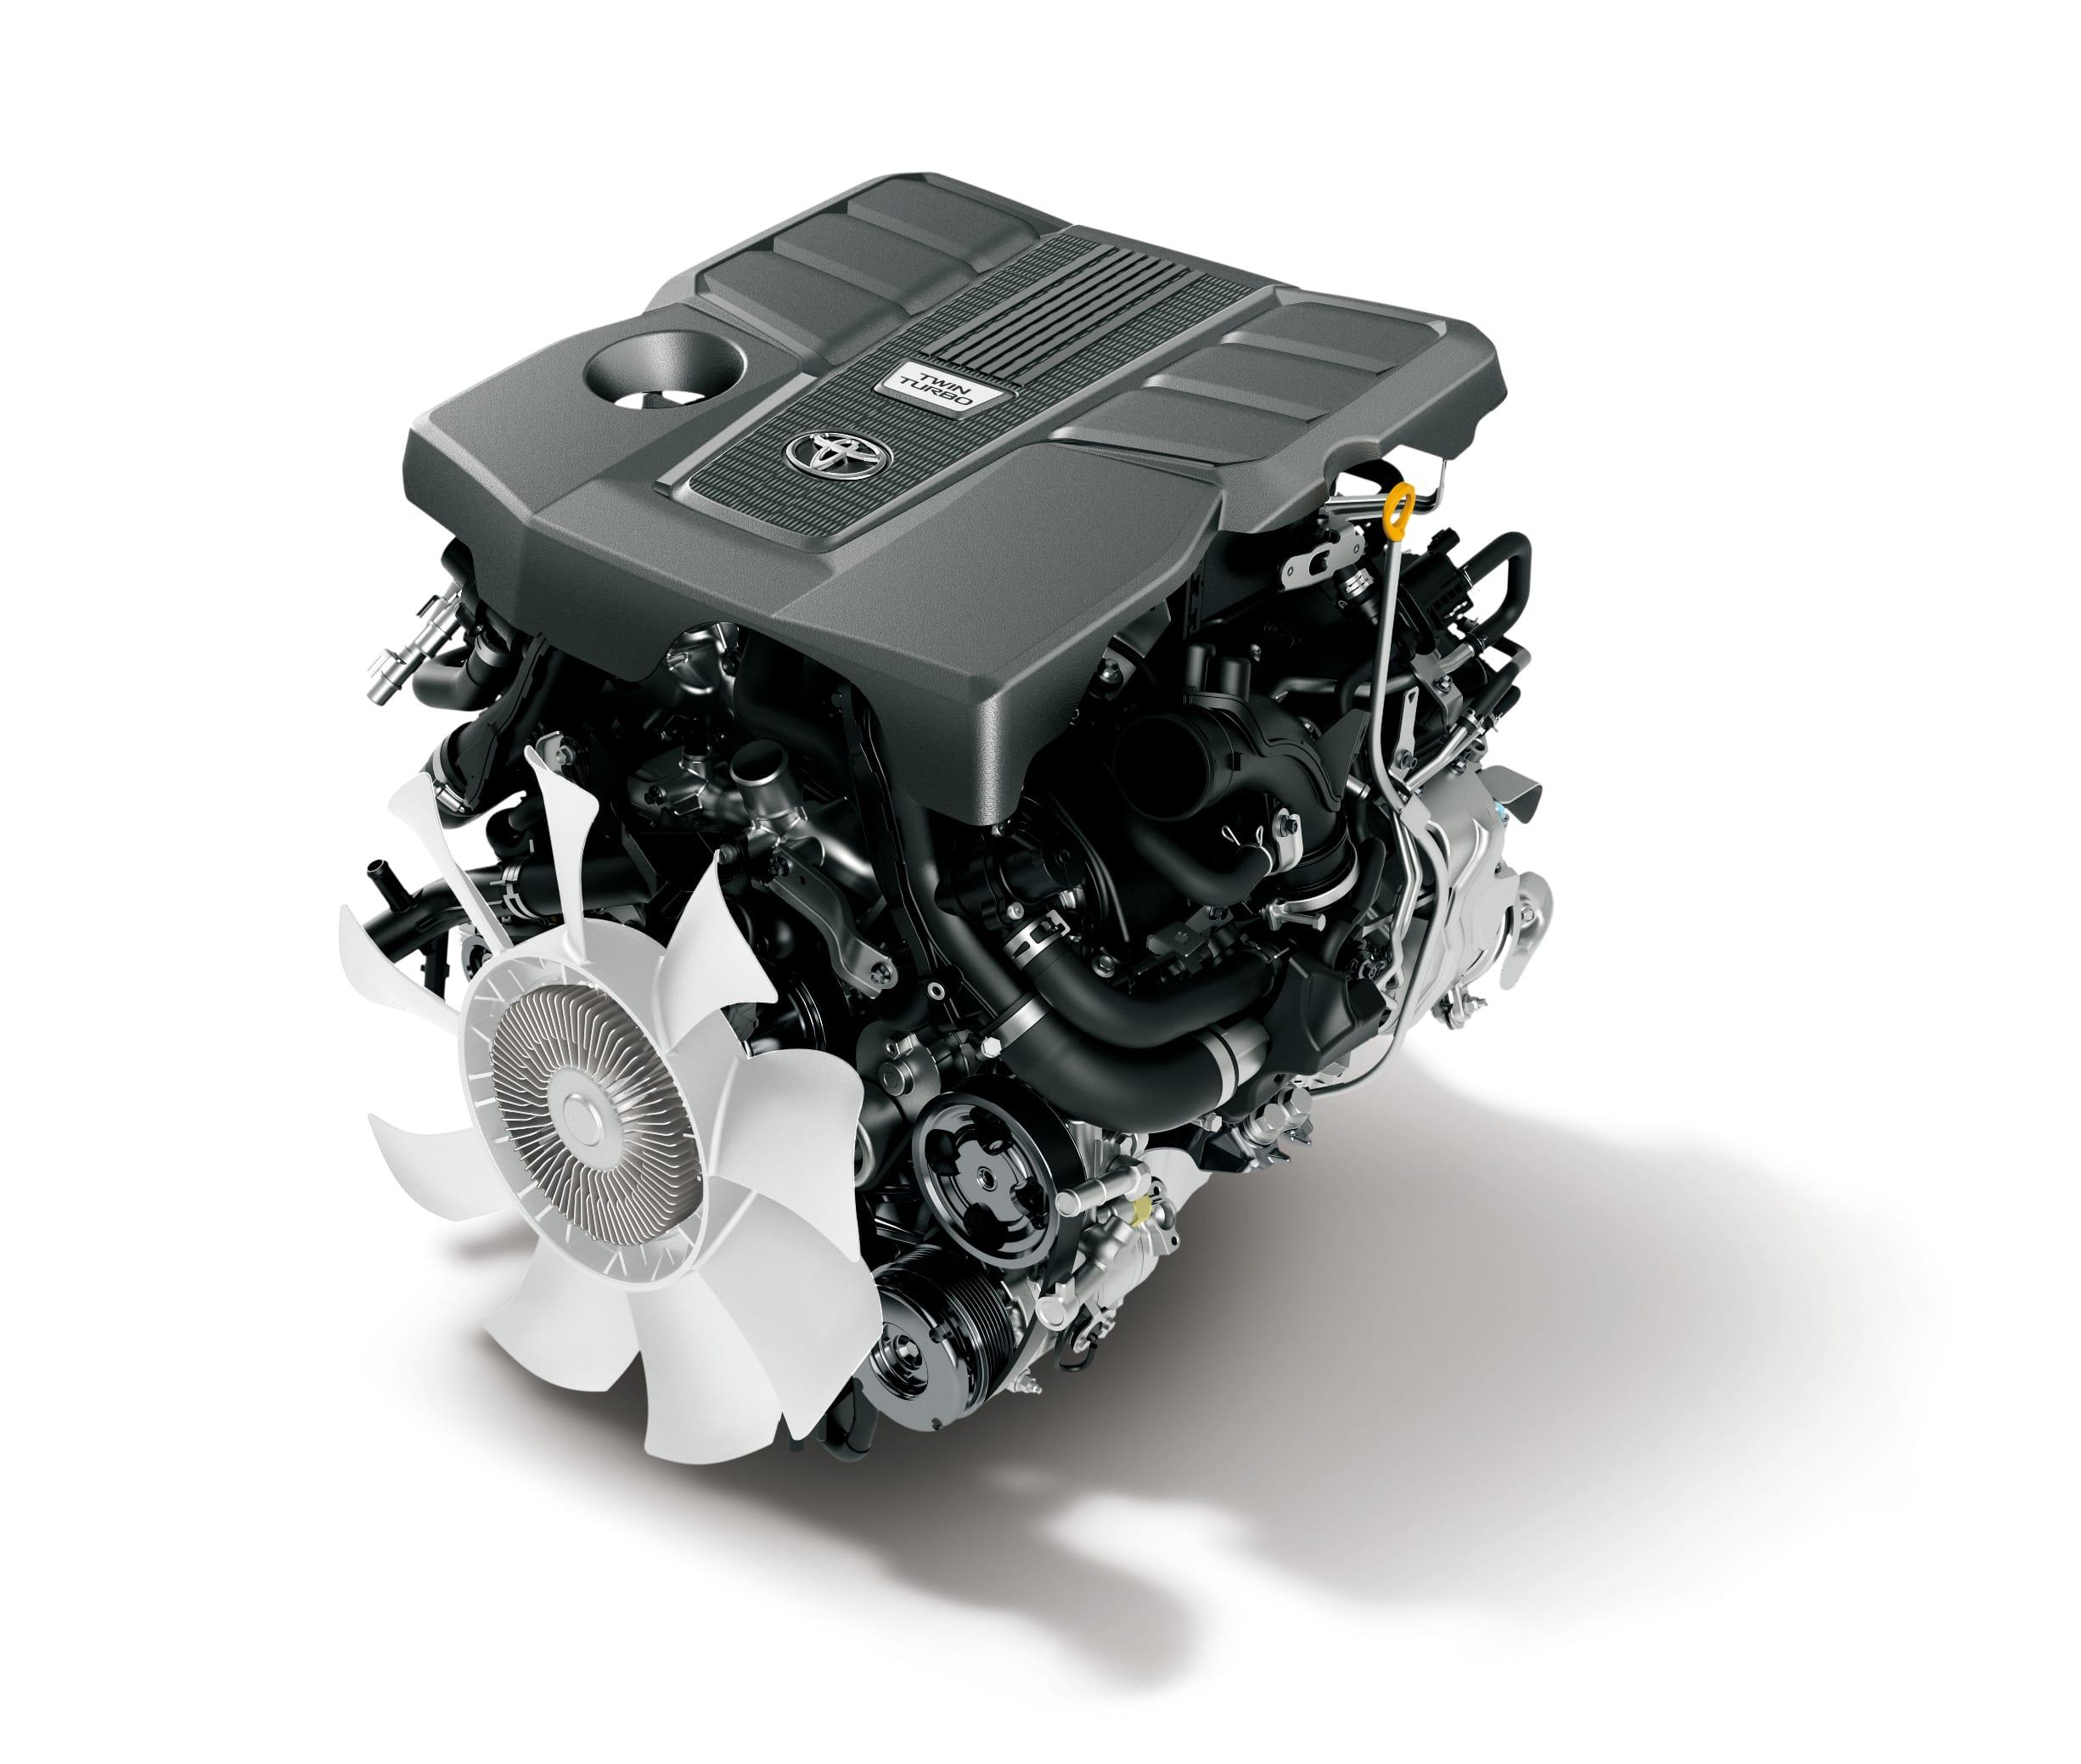 300系(海外仕様)V6 ガソリン ツインターボエンジン